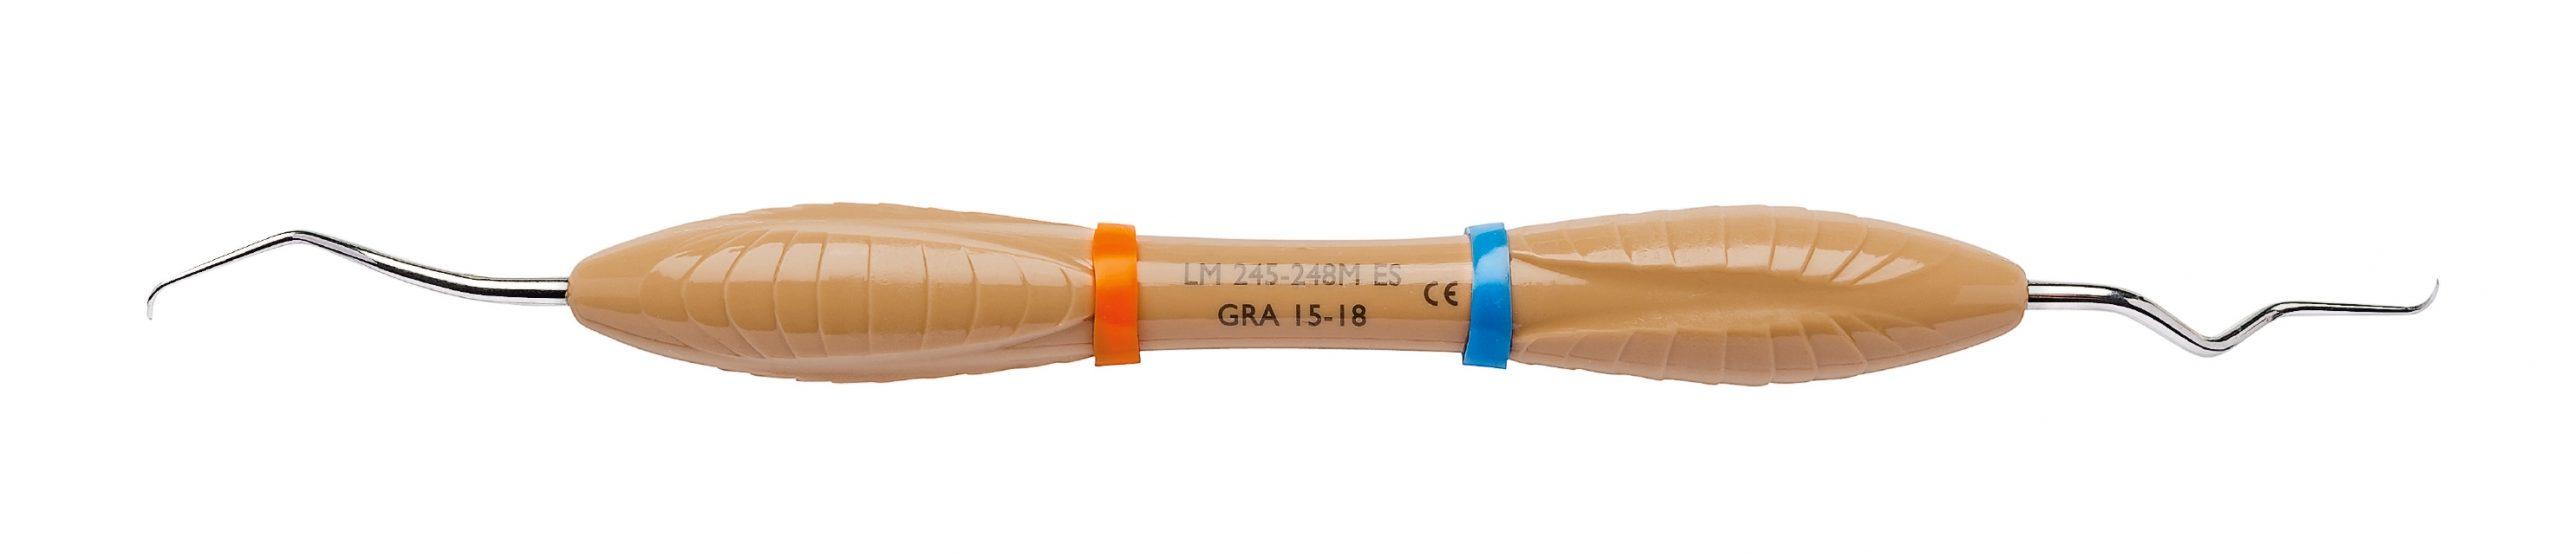 GRA 15-18 LM 245-248M ES-1